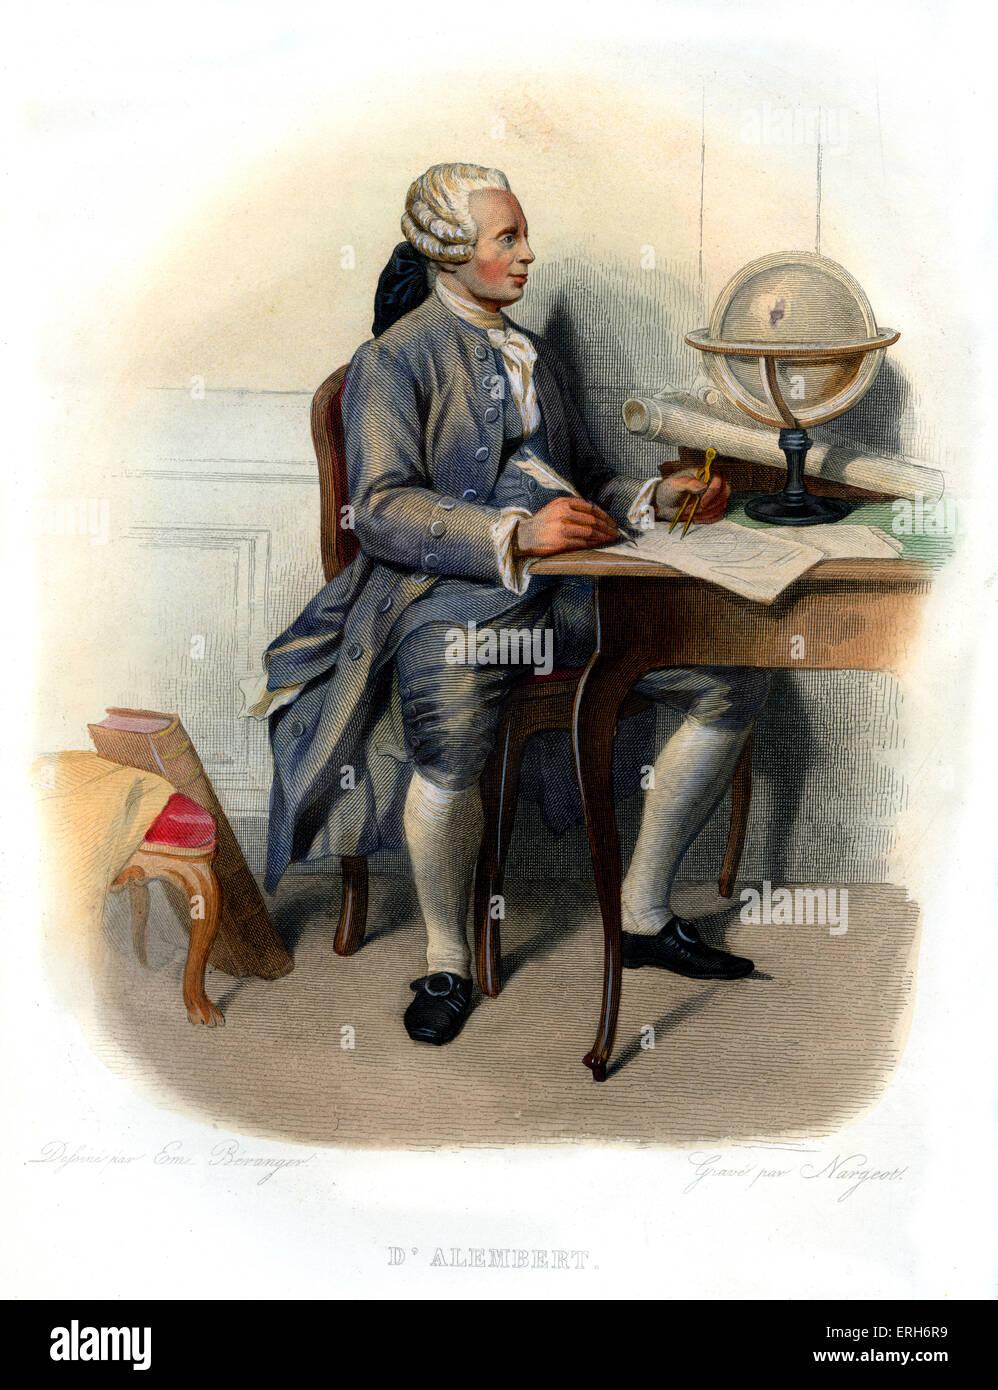 Jean-Baptiste le Rond d'Alembert. Le mathématicien, physicien, philosophe, scientifique américain, Photo Stock